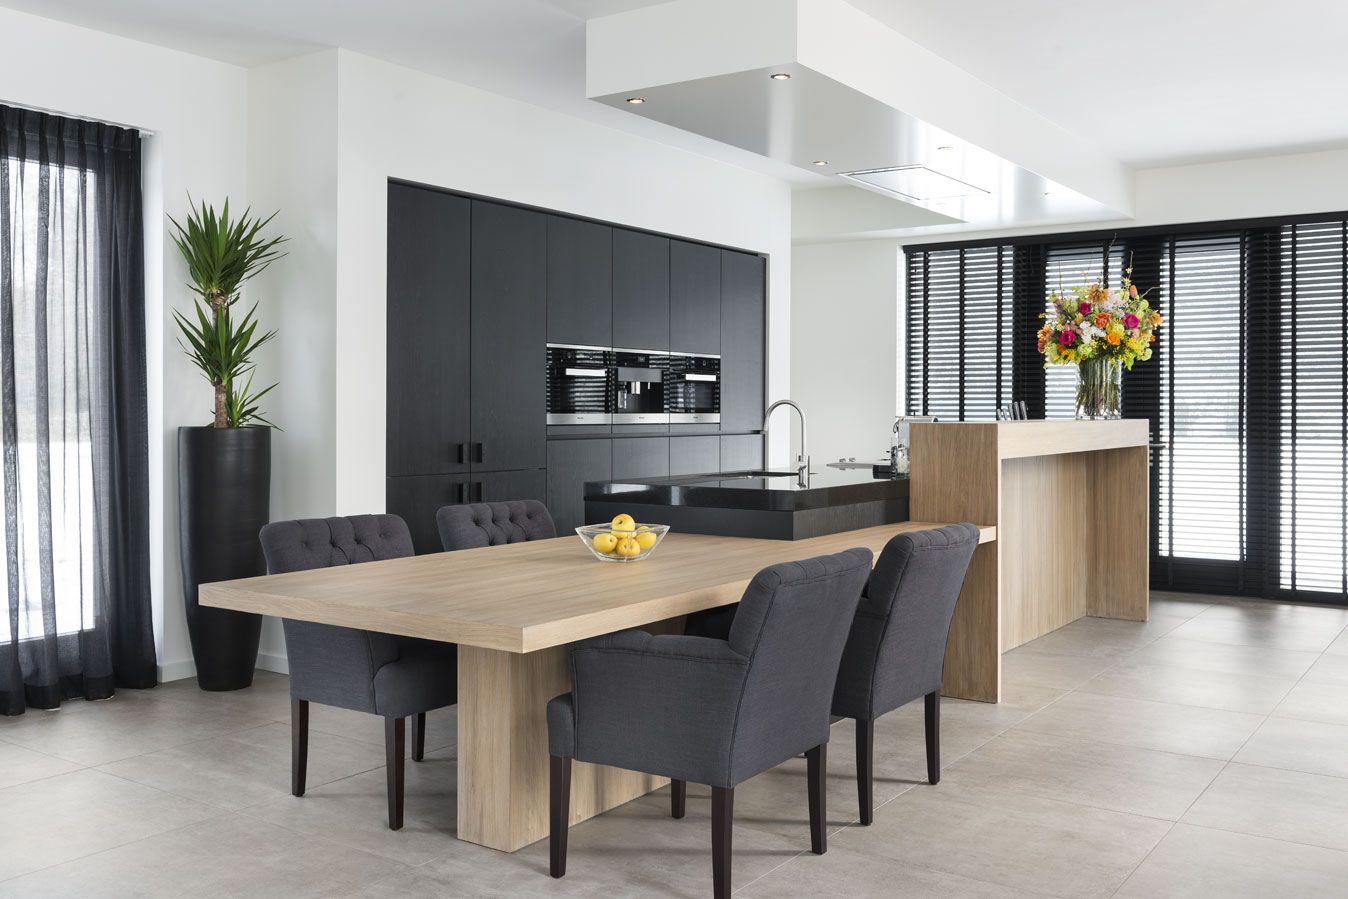 Modern Tinello Popular Kitchen Designs Interior Design Kitchen Kitchen Design